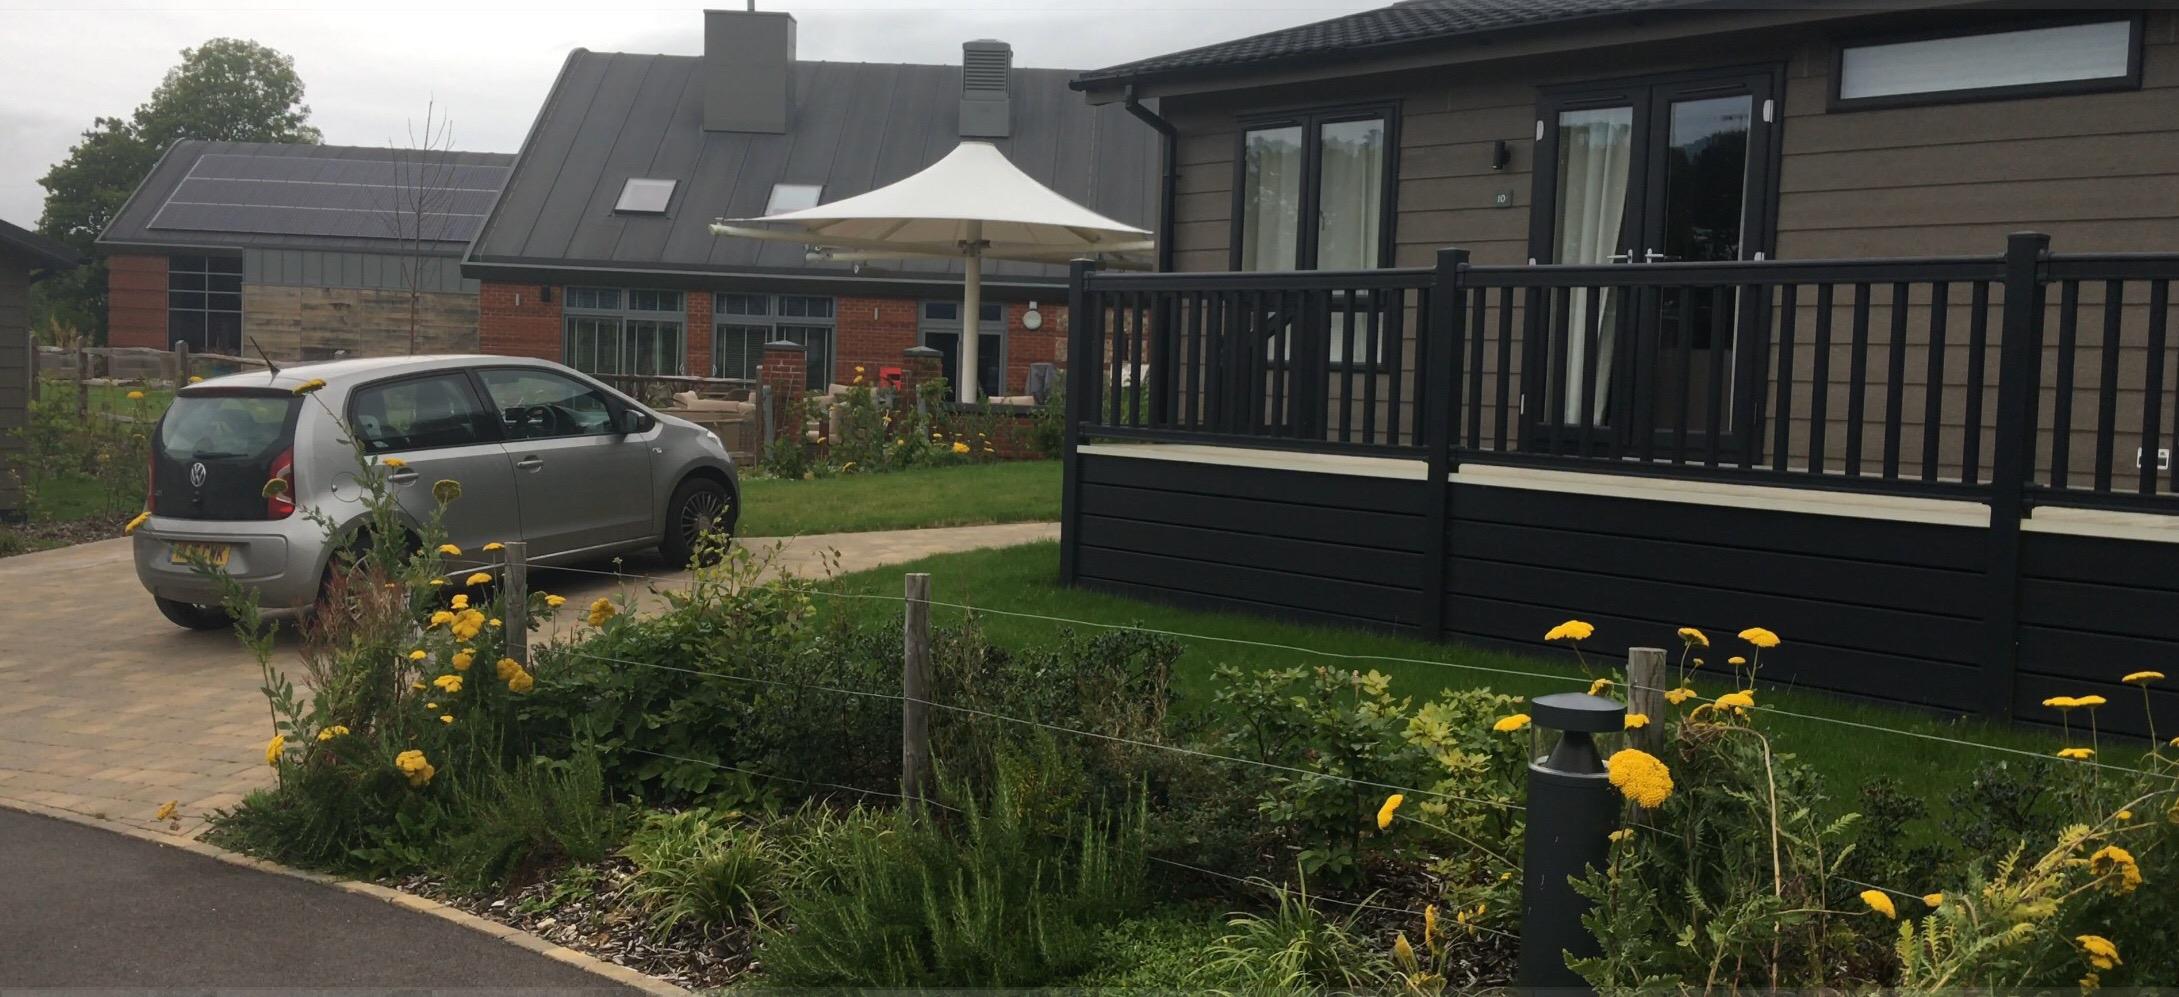 Marple Lodge Hawkchurch resort and spa